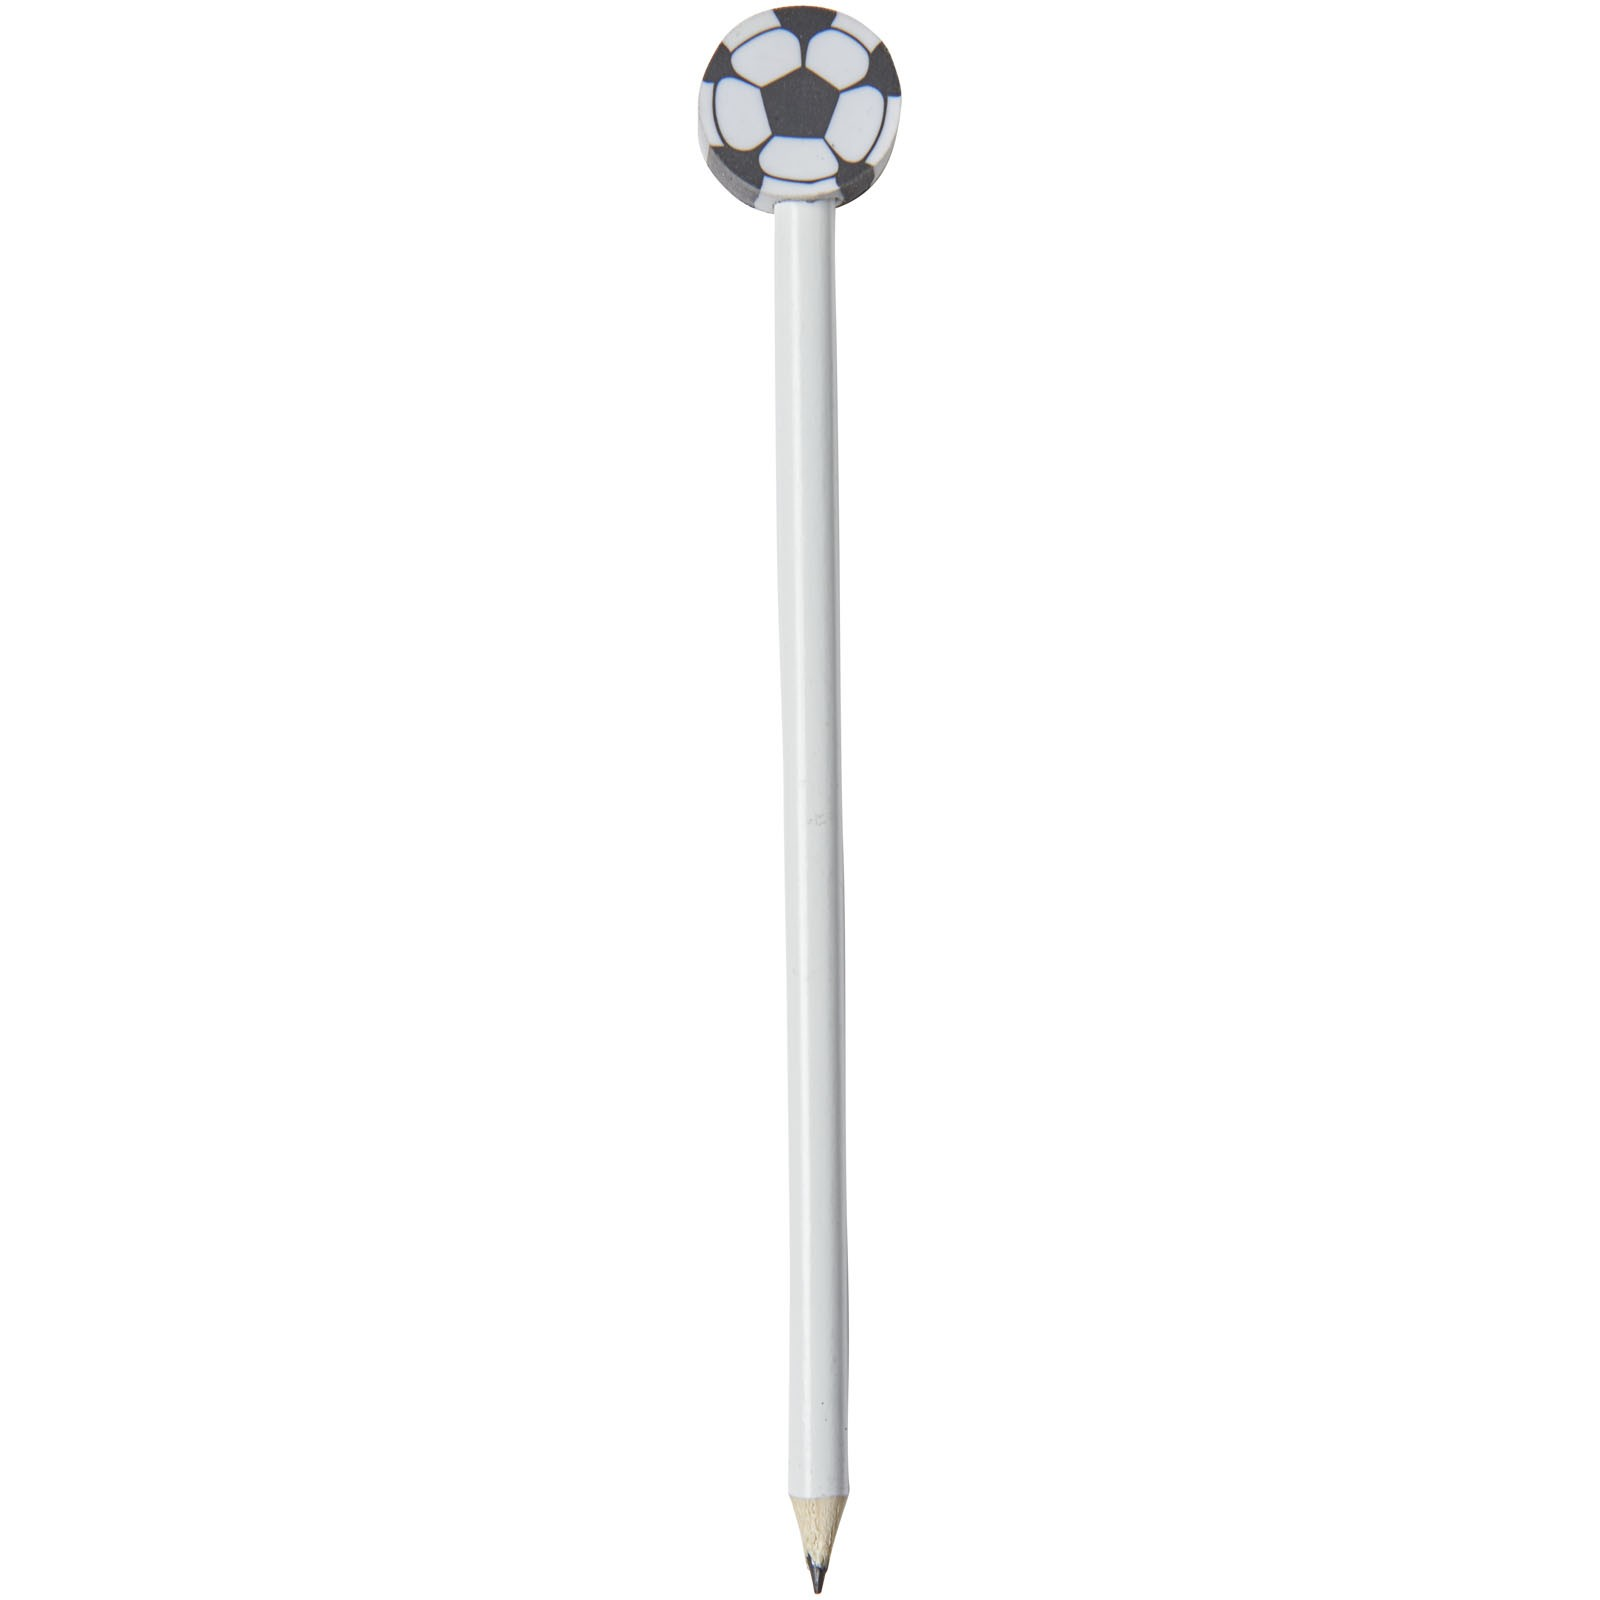 Tužka s fotbalovou gumou Goal - Bílá